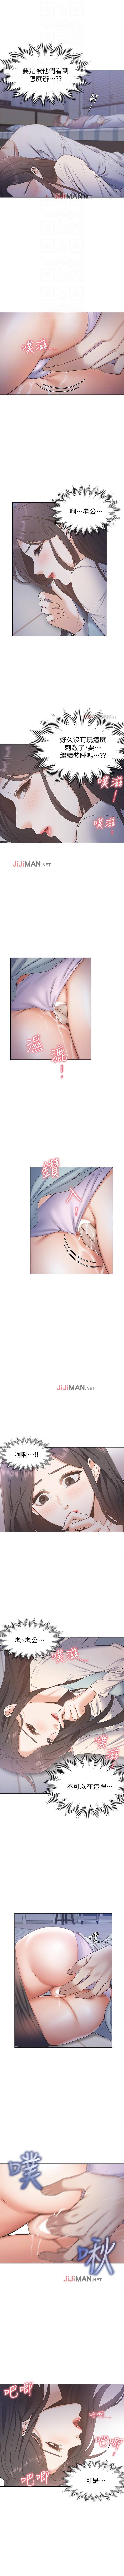 【周五连载】渴望:爱火难耐(作者:Appeal&格子17) 第1~24话 15